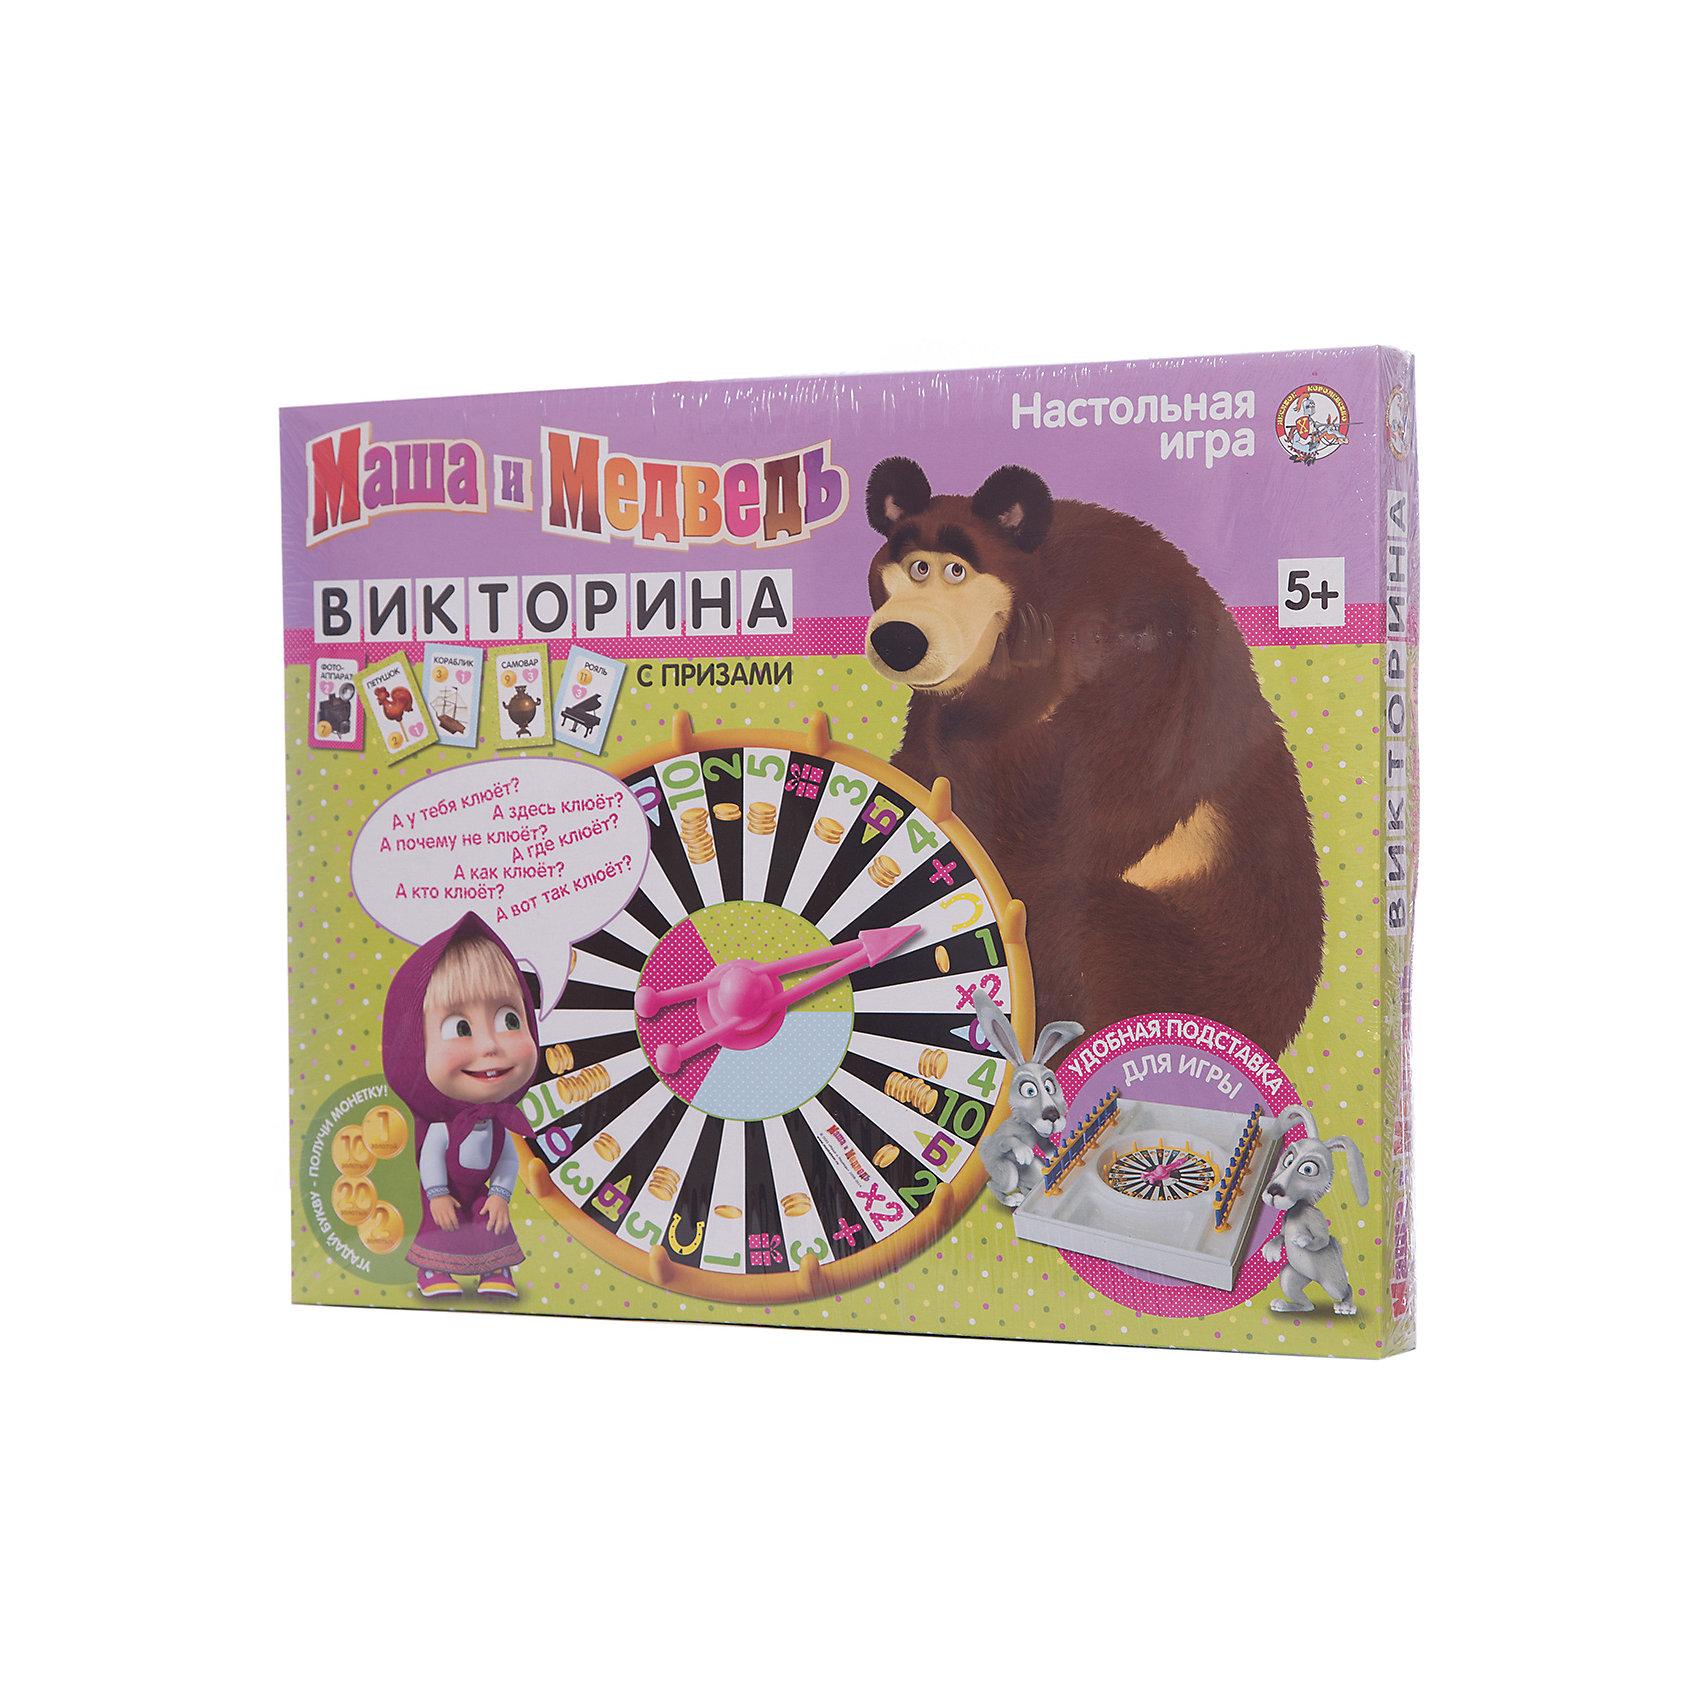 Викторина Маша и Медведь, Десятое королевствоВикторина Маша и Медведь, Десятое королевство - увлекательная развивающая игра с любимыми героями, которая познакомит Вашего ребенка с цифрами и счетом и поможет освоить чтение. В игре могут участвовать от 2 и более игроков, можно играть командами. Правила игры простые и понятные для ребенка: ведущий загадывает слово и выкладывает его на табло. Все участники по очереди должны будут отгадать его по веселым определениям в инструкции к игре. Задача каждого игрока - получить как можно больше призов и заработать как можно больше очков. Игра способствует развитию воображения, творческих и коммуникативных навыков.<br><br>Дополнительная информация:<br><br>- В комплекте: барабан-рулетка, игровое поле, 4 табло, 70 монет, 2 комплекта карточек букв, 36 карточек-призов, правила игры.<br>- Материал: бумага, пластик.<br>- Размер барабана: 19 х 19 х 3,5 см.<br>- Размеры карточки с буквой: 2 х 2 см.<br>- Размеры карточки-приза: 5 х 3 см.<br>- Размер упаковки: 45 x 35 x 5 см.<br>- Вес: 0,45 кг.<br><br>Викторину Маша и Медведь, Десятое королевство, можно купить в нашем интернет-магазине.<br><br>Ширина мм: 450<br>Глубина мм: 350<br>Высота мм: 50<br>Вес г: 450<br>Возраст от месяцев: 36<br>Возраст до месяцев: 72<br>Пол: Унисекс<br>Возраст: Детский<br>SKU: 4329267